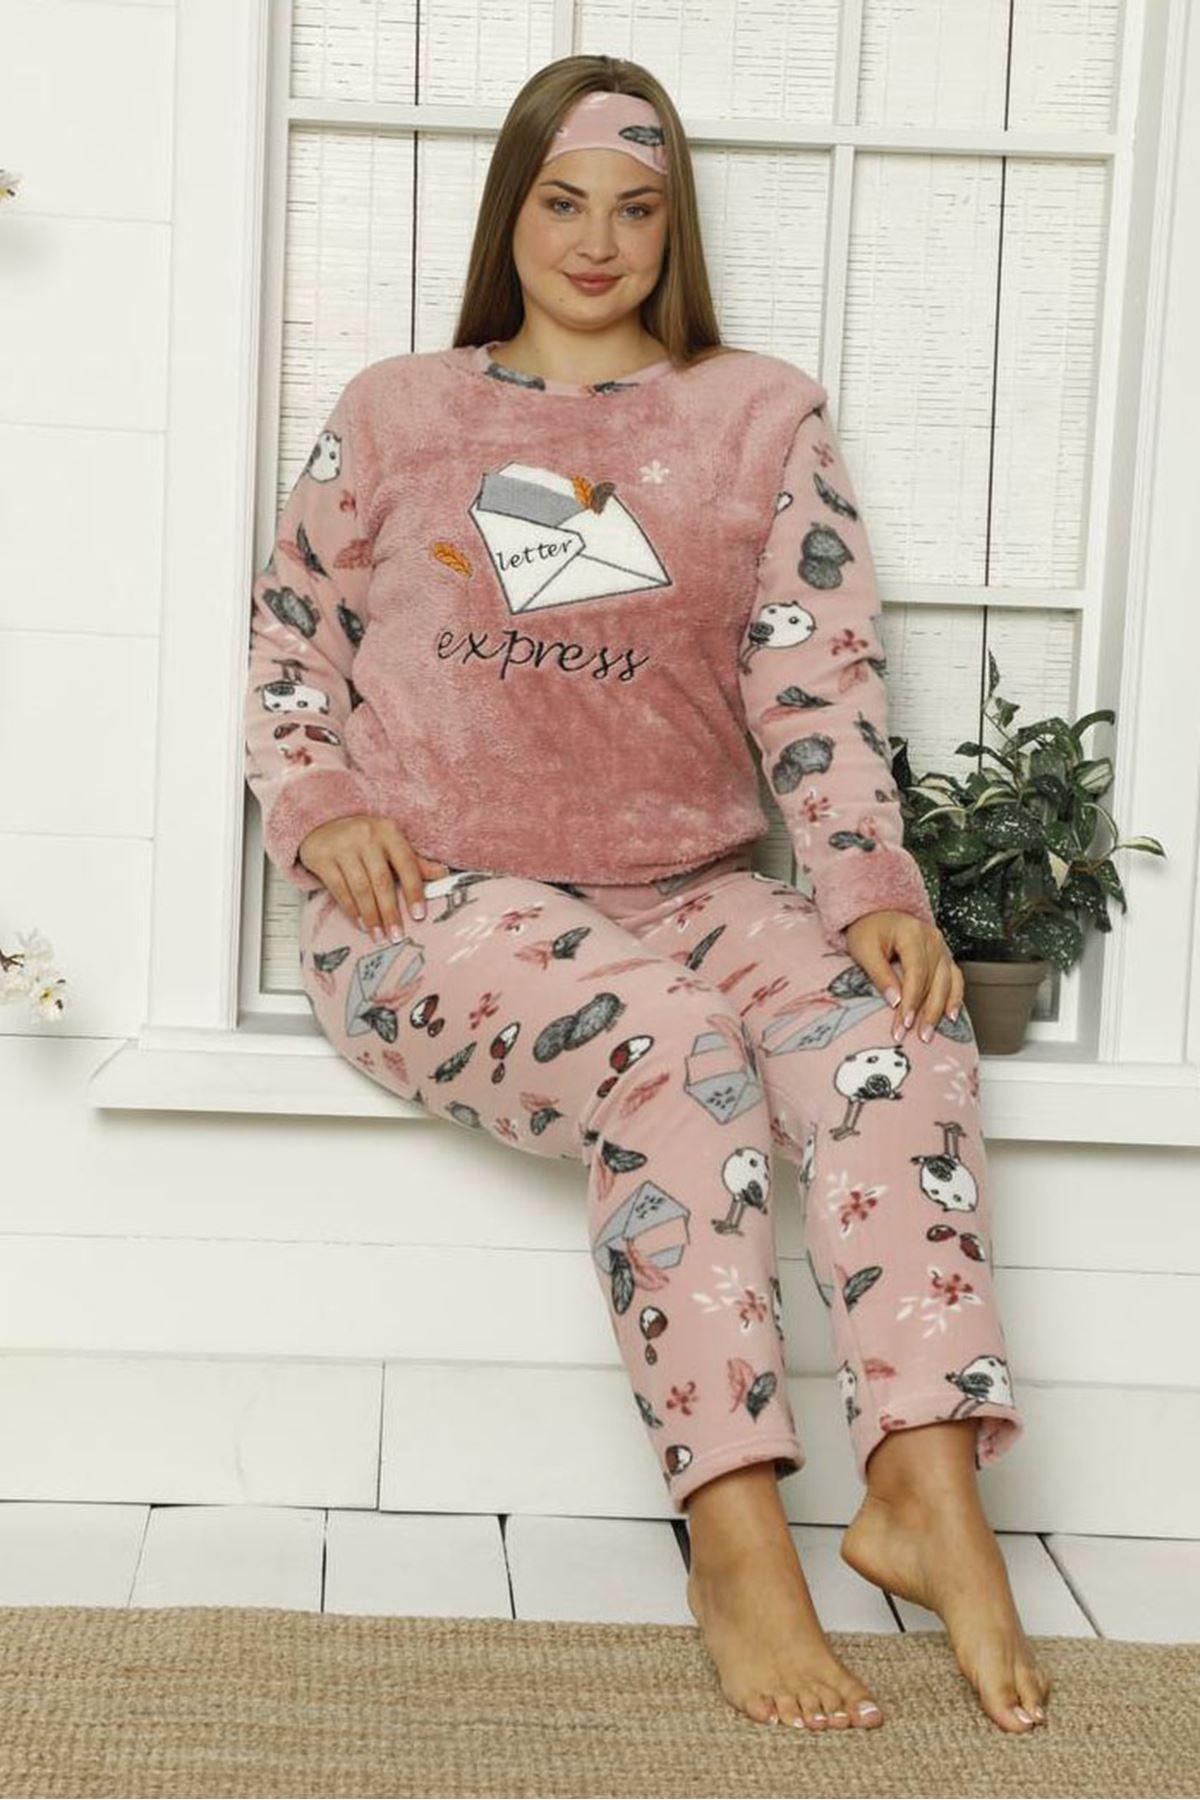 Welsoft Polar Büyük Beden Pijama Takımı 35F-1841